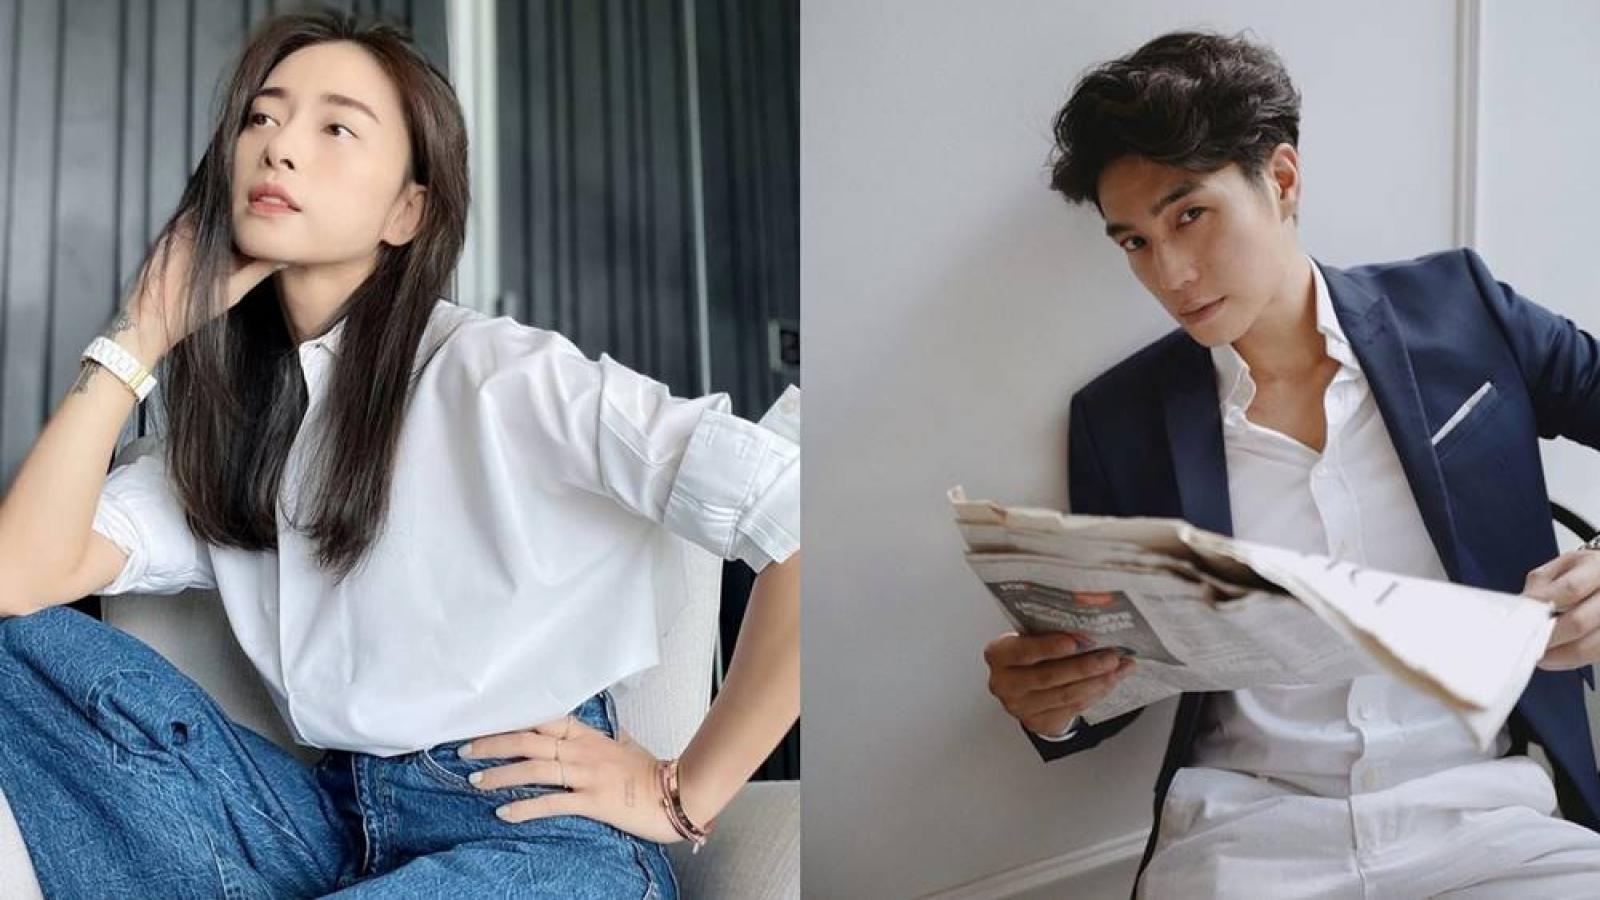 Chuyện showbiz: Ngô Thanh Vân và Huy Trần lộ ảnh đi du lịch Đà Lạt cùng nhau vào dịp Tết